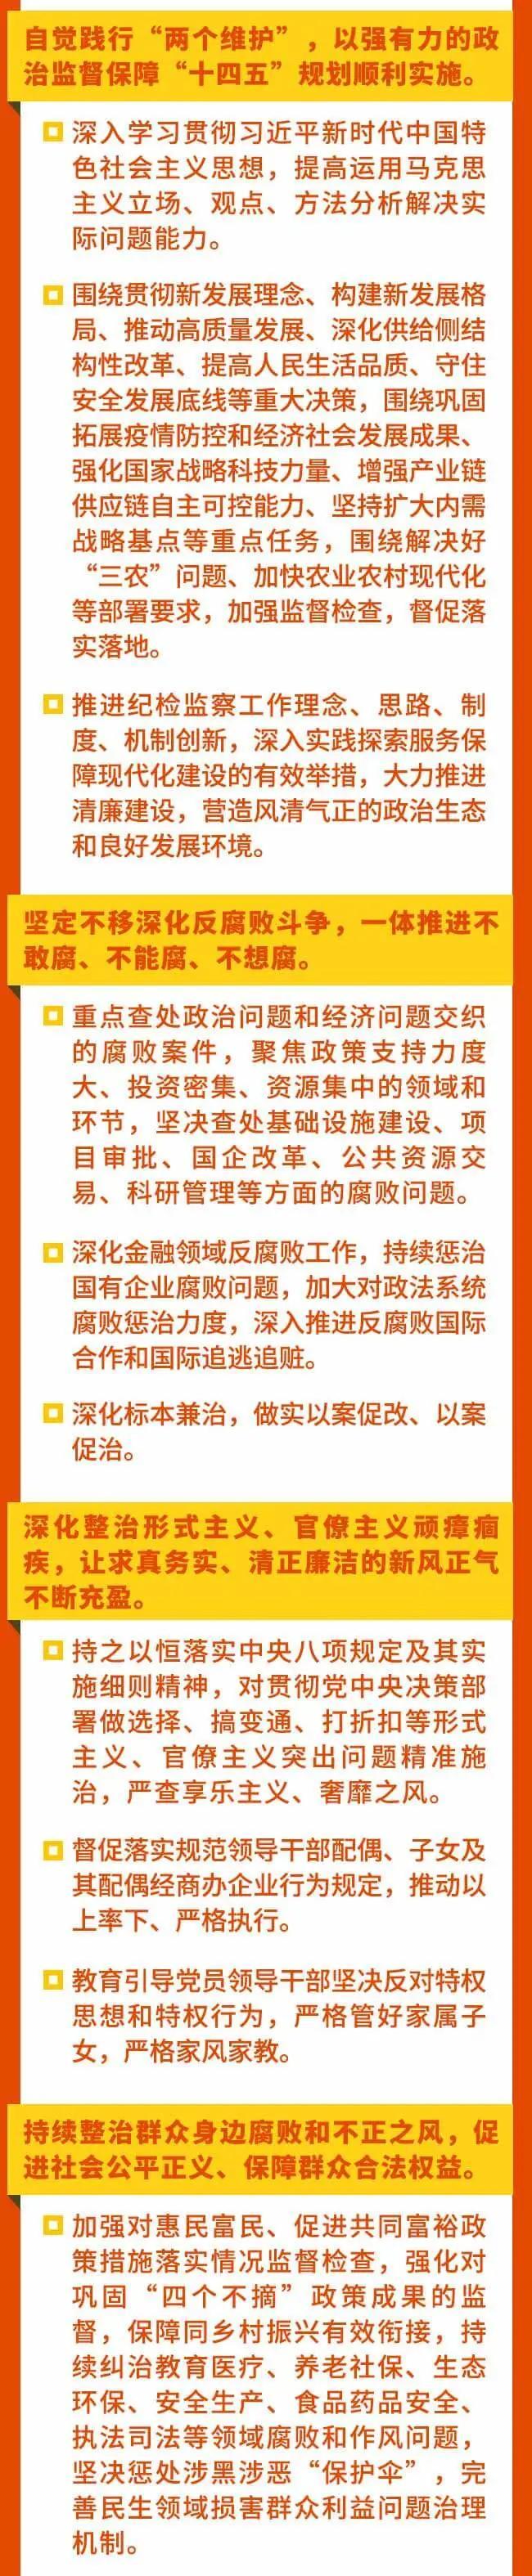 2021年纪检监察工作怎么干,一张图告诉你! 新湖南www.hunanabc.com